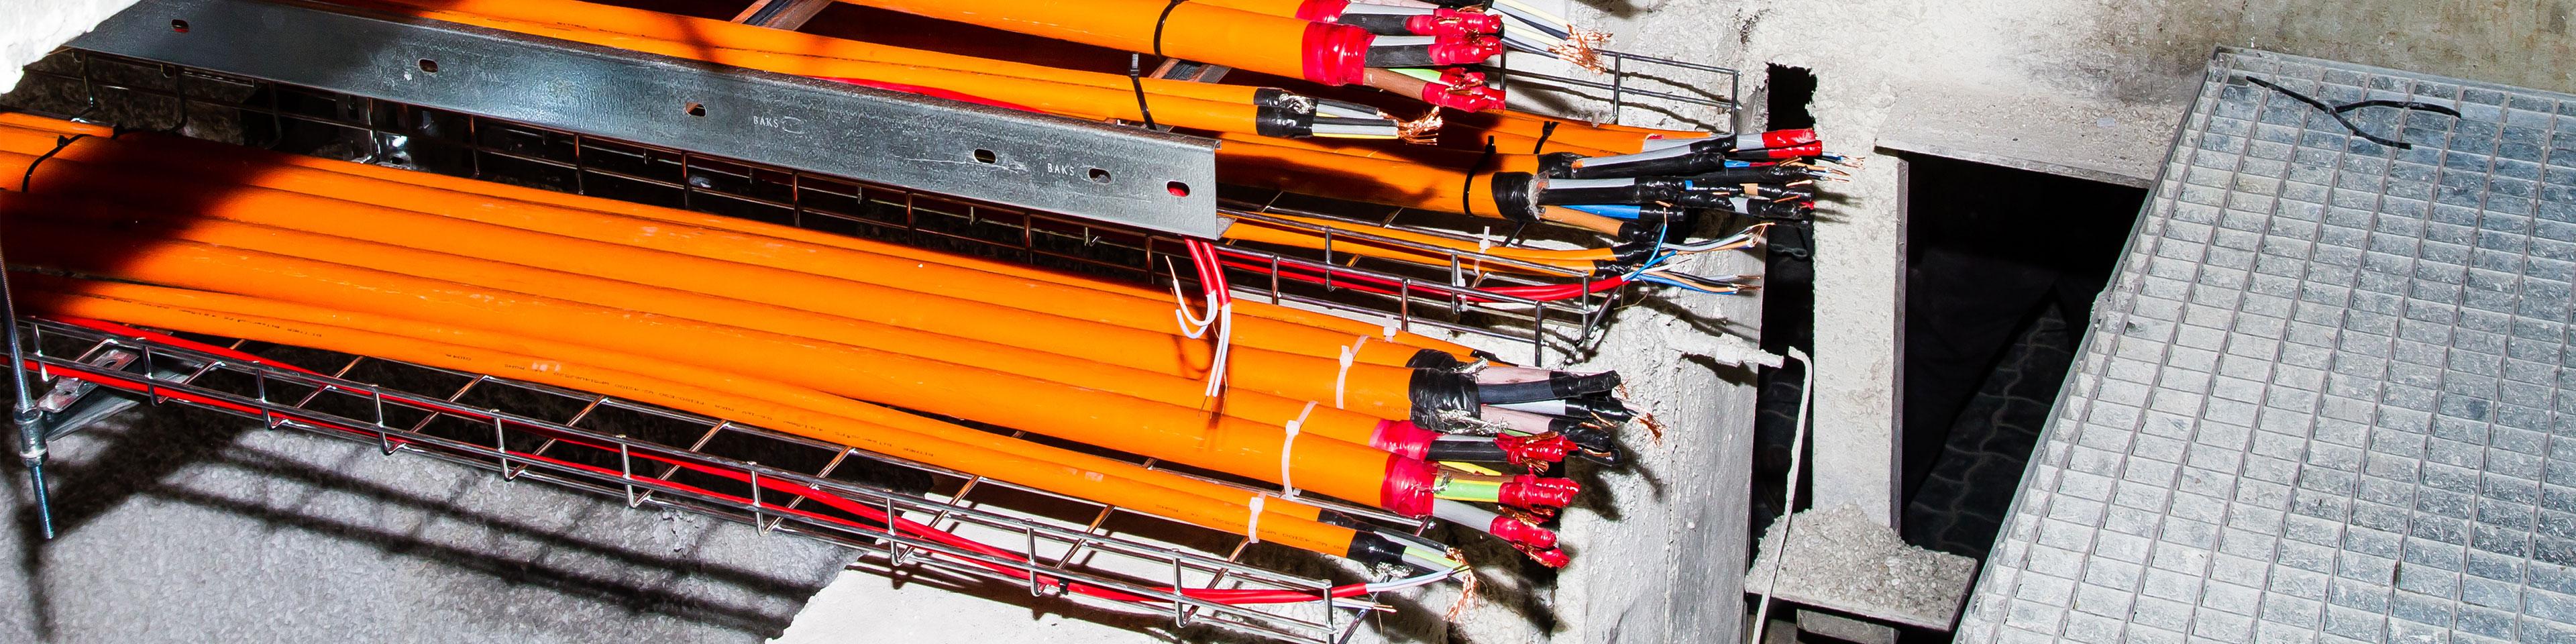 AREI 2020 en brandpreventie: 10 wijzigingen die gevolgen hebben voor de elektrische leidingen